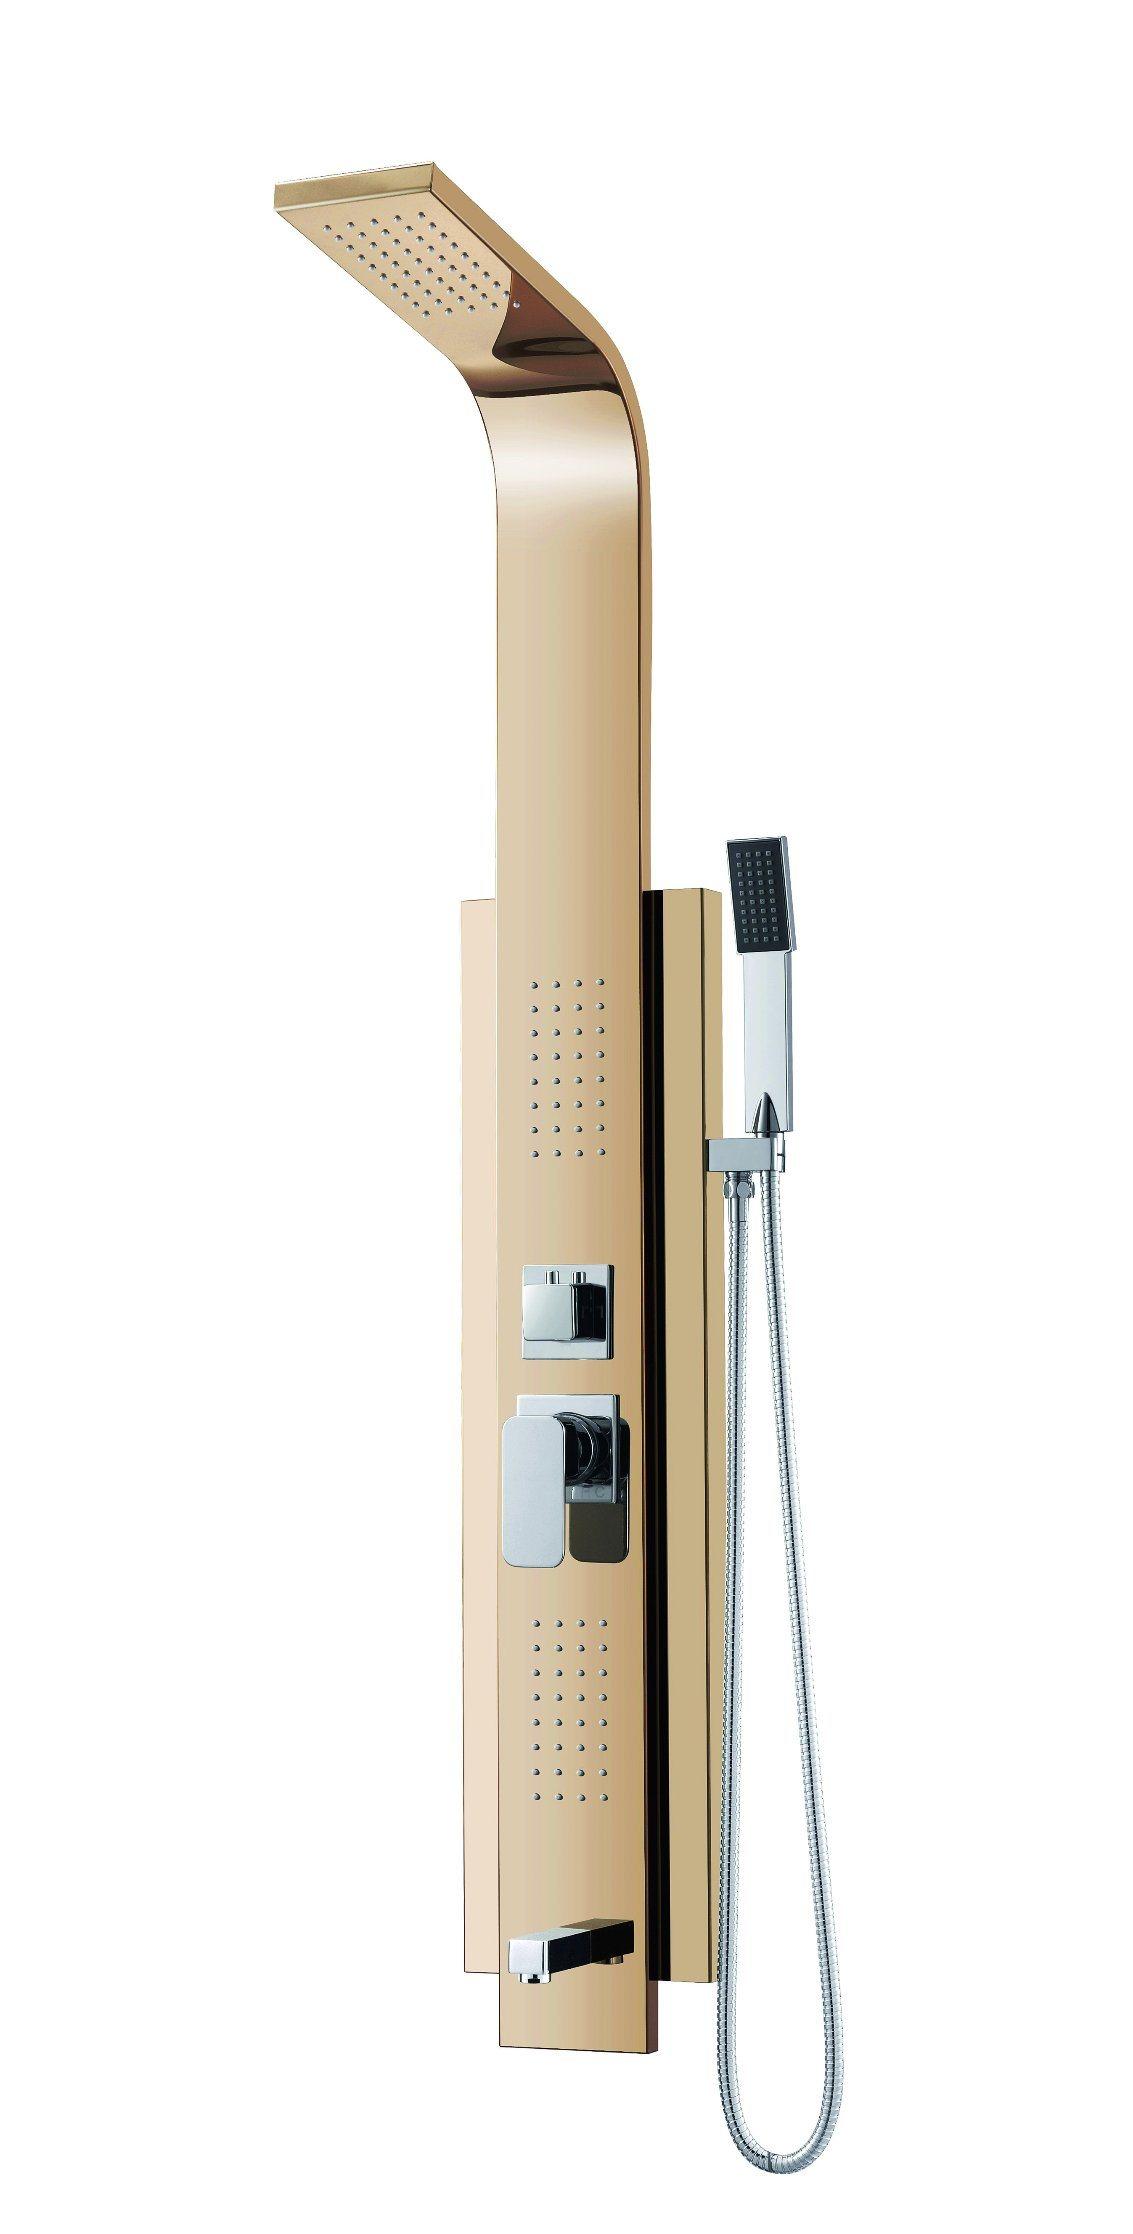 (K2211-4) Stainless Steel Shower Panel / Shower Column